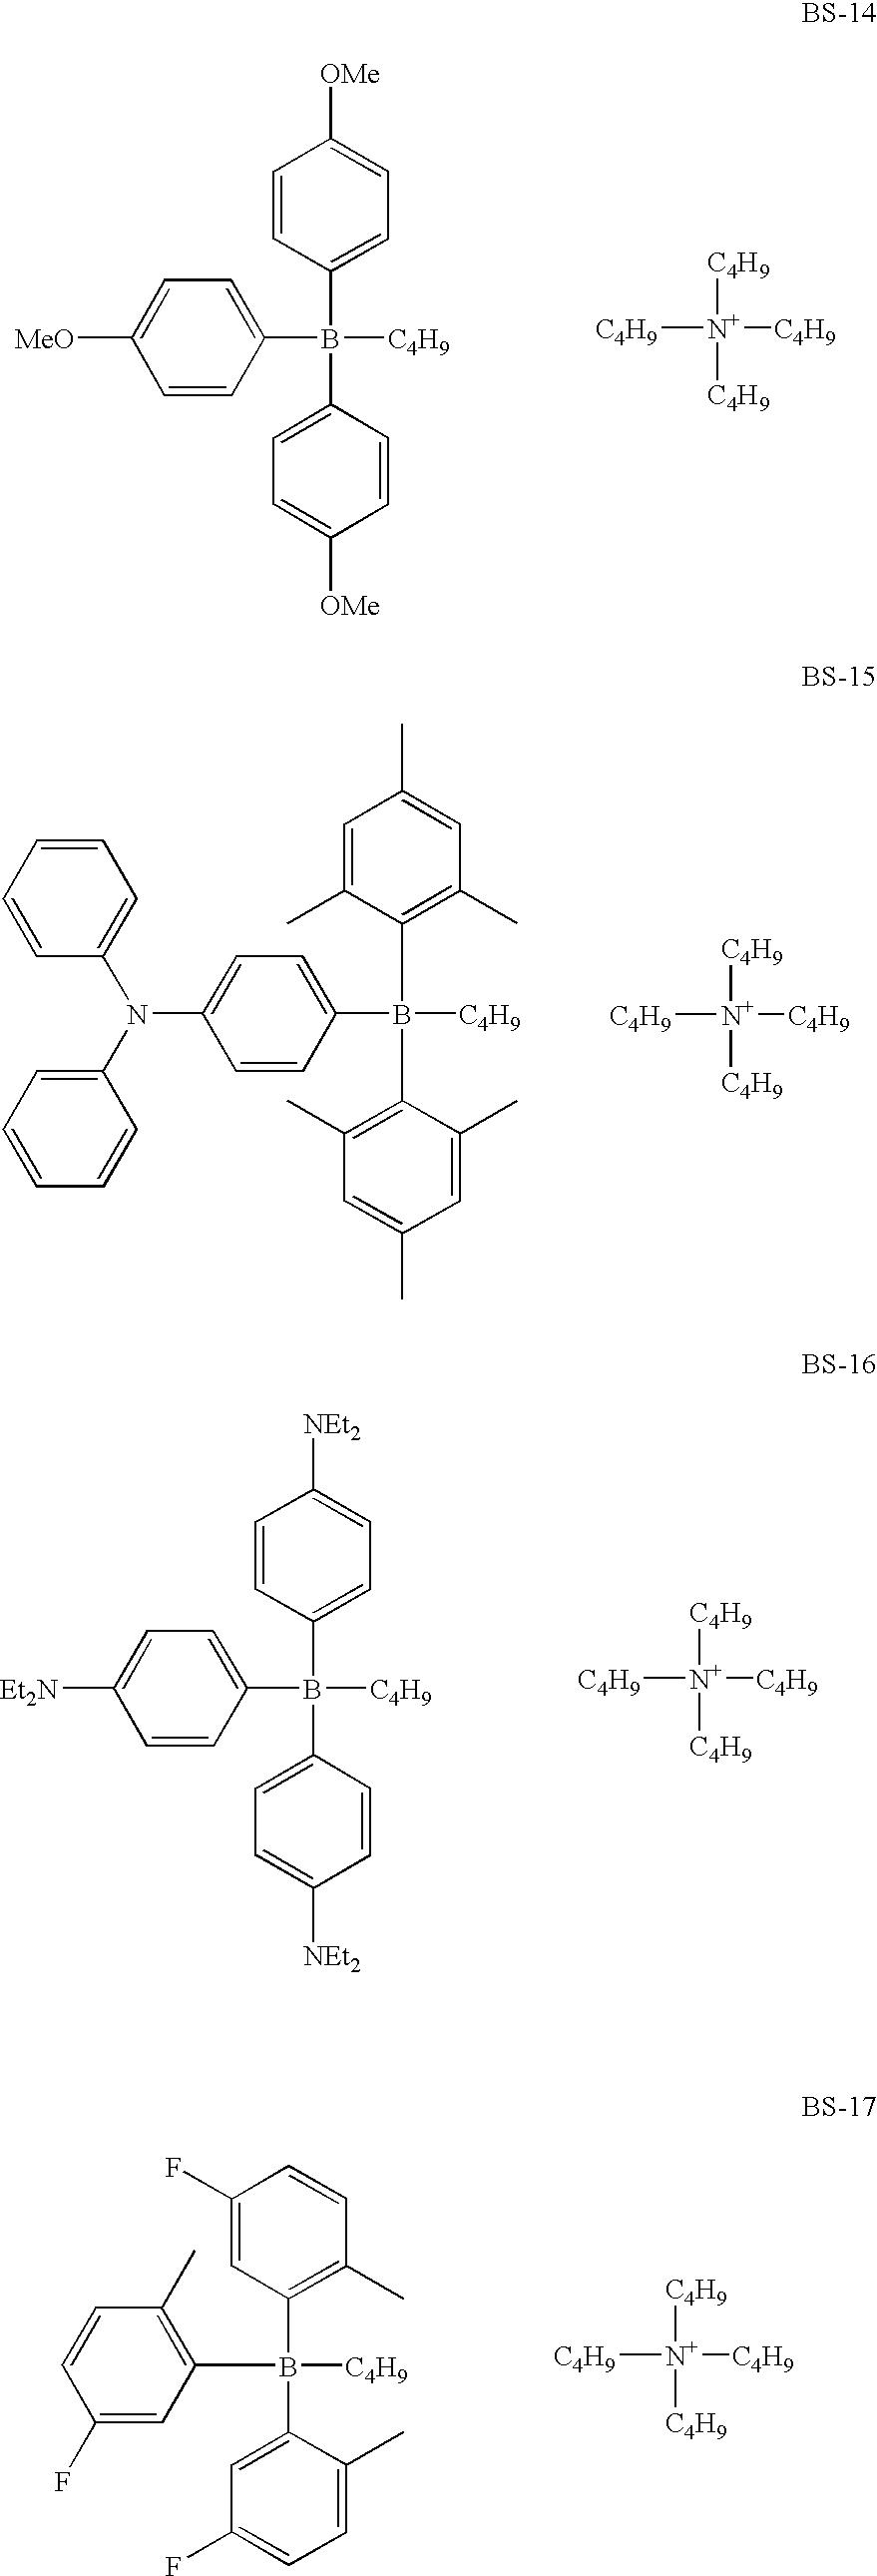 Figure US20050084790A1-20050421-C00014